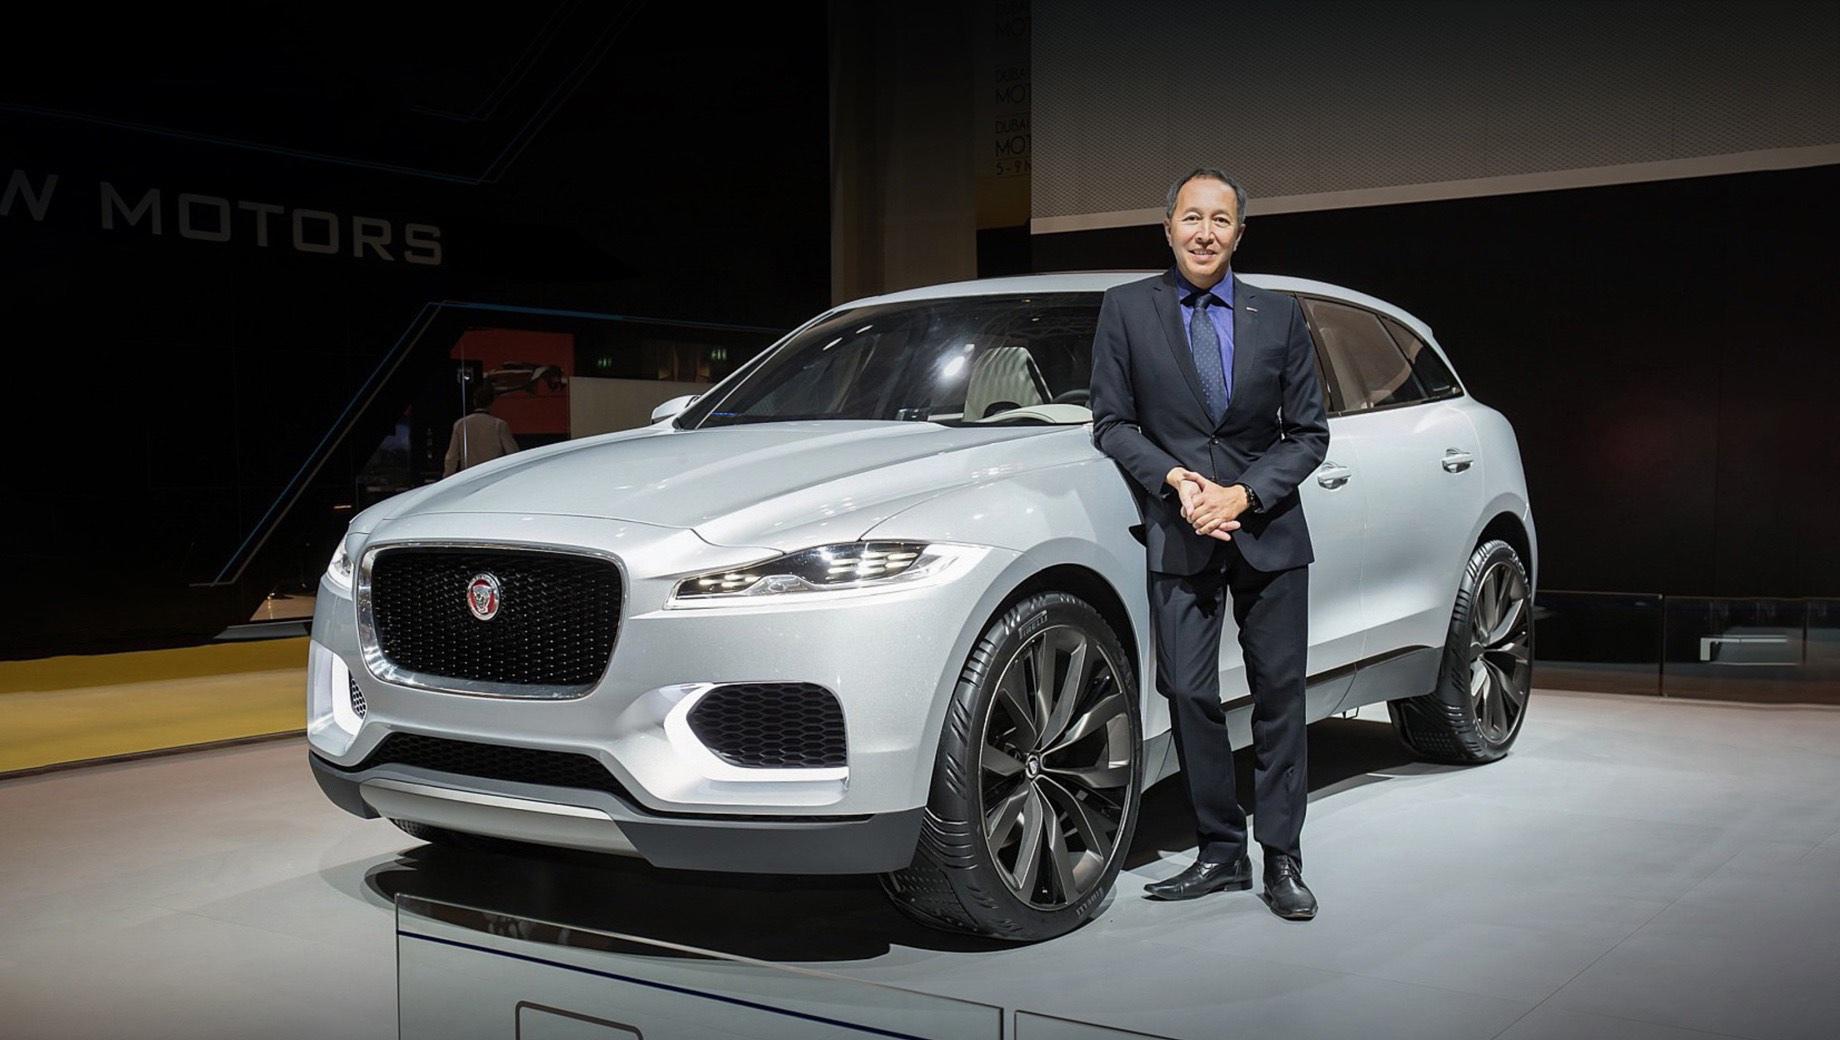 Джулиан Томсон оставит пост шеф-дизайнера бренда Jaguar